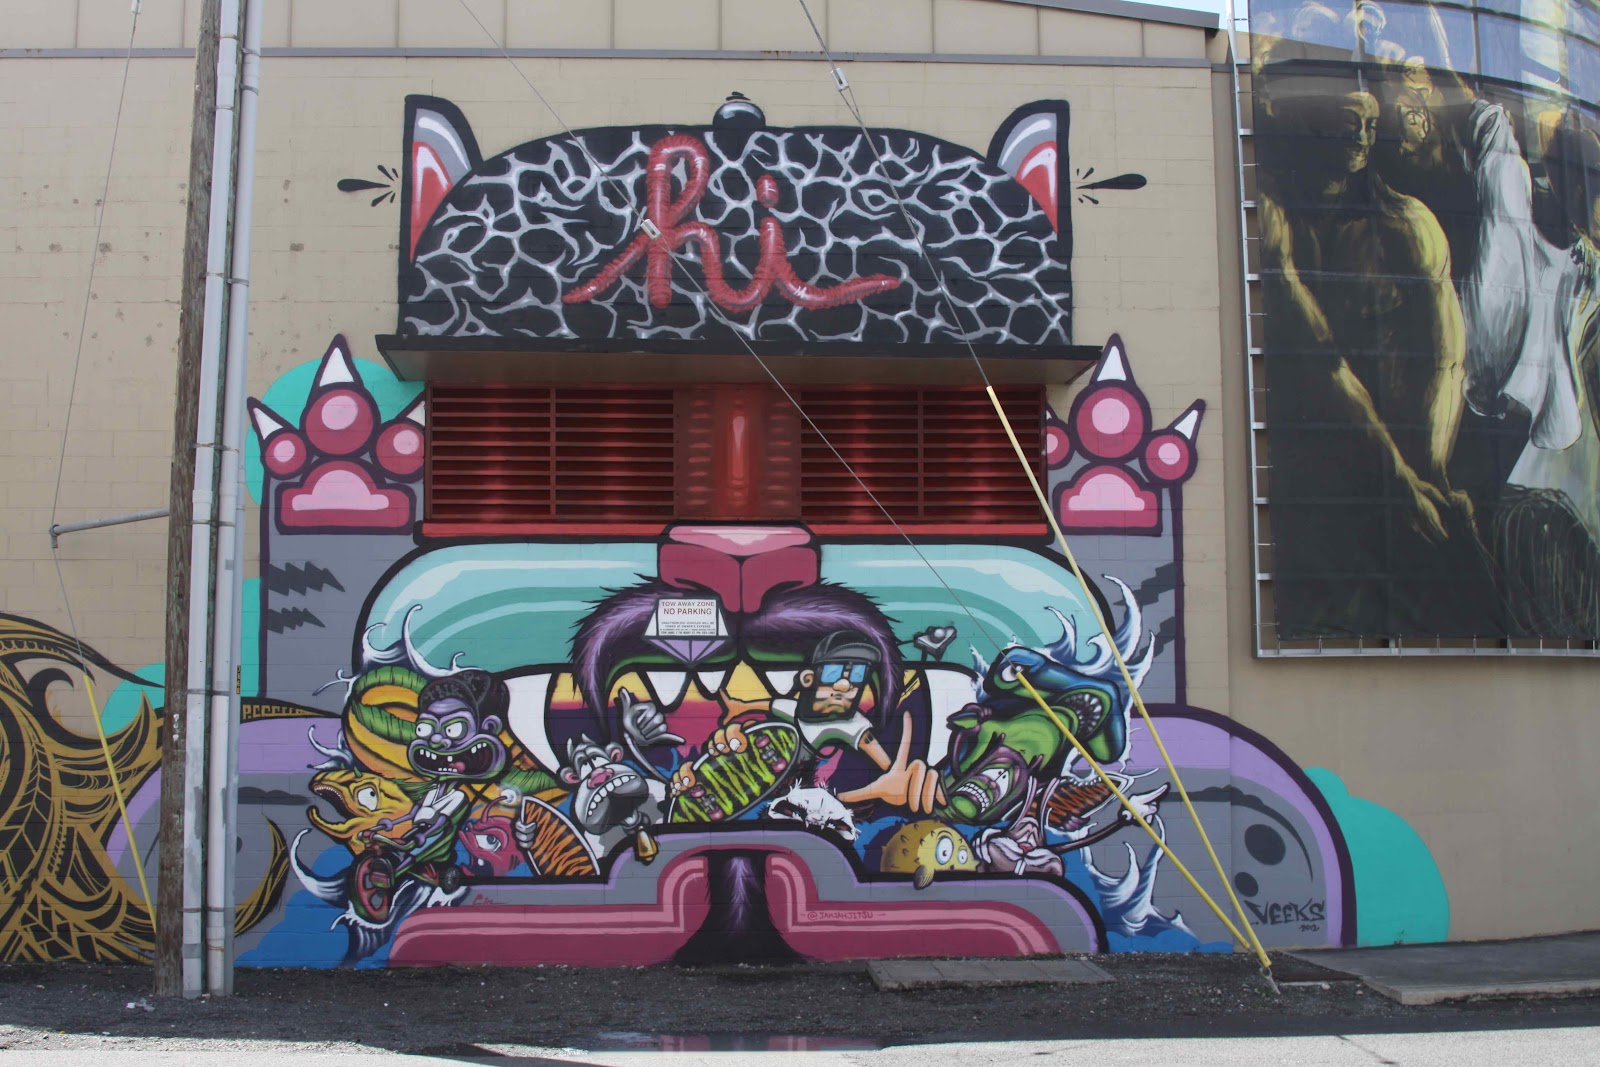 54 Koleksi Gambar Graffiti Art Honolulu Yang Bisa Anda Tiru